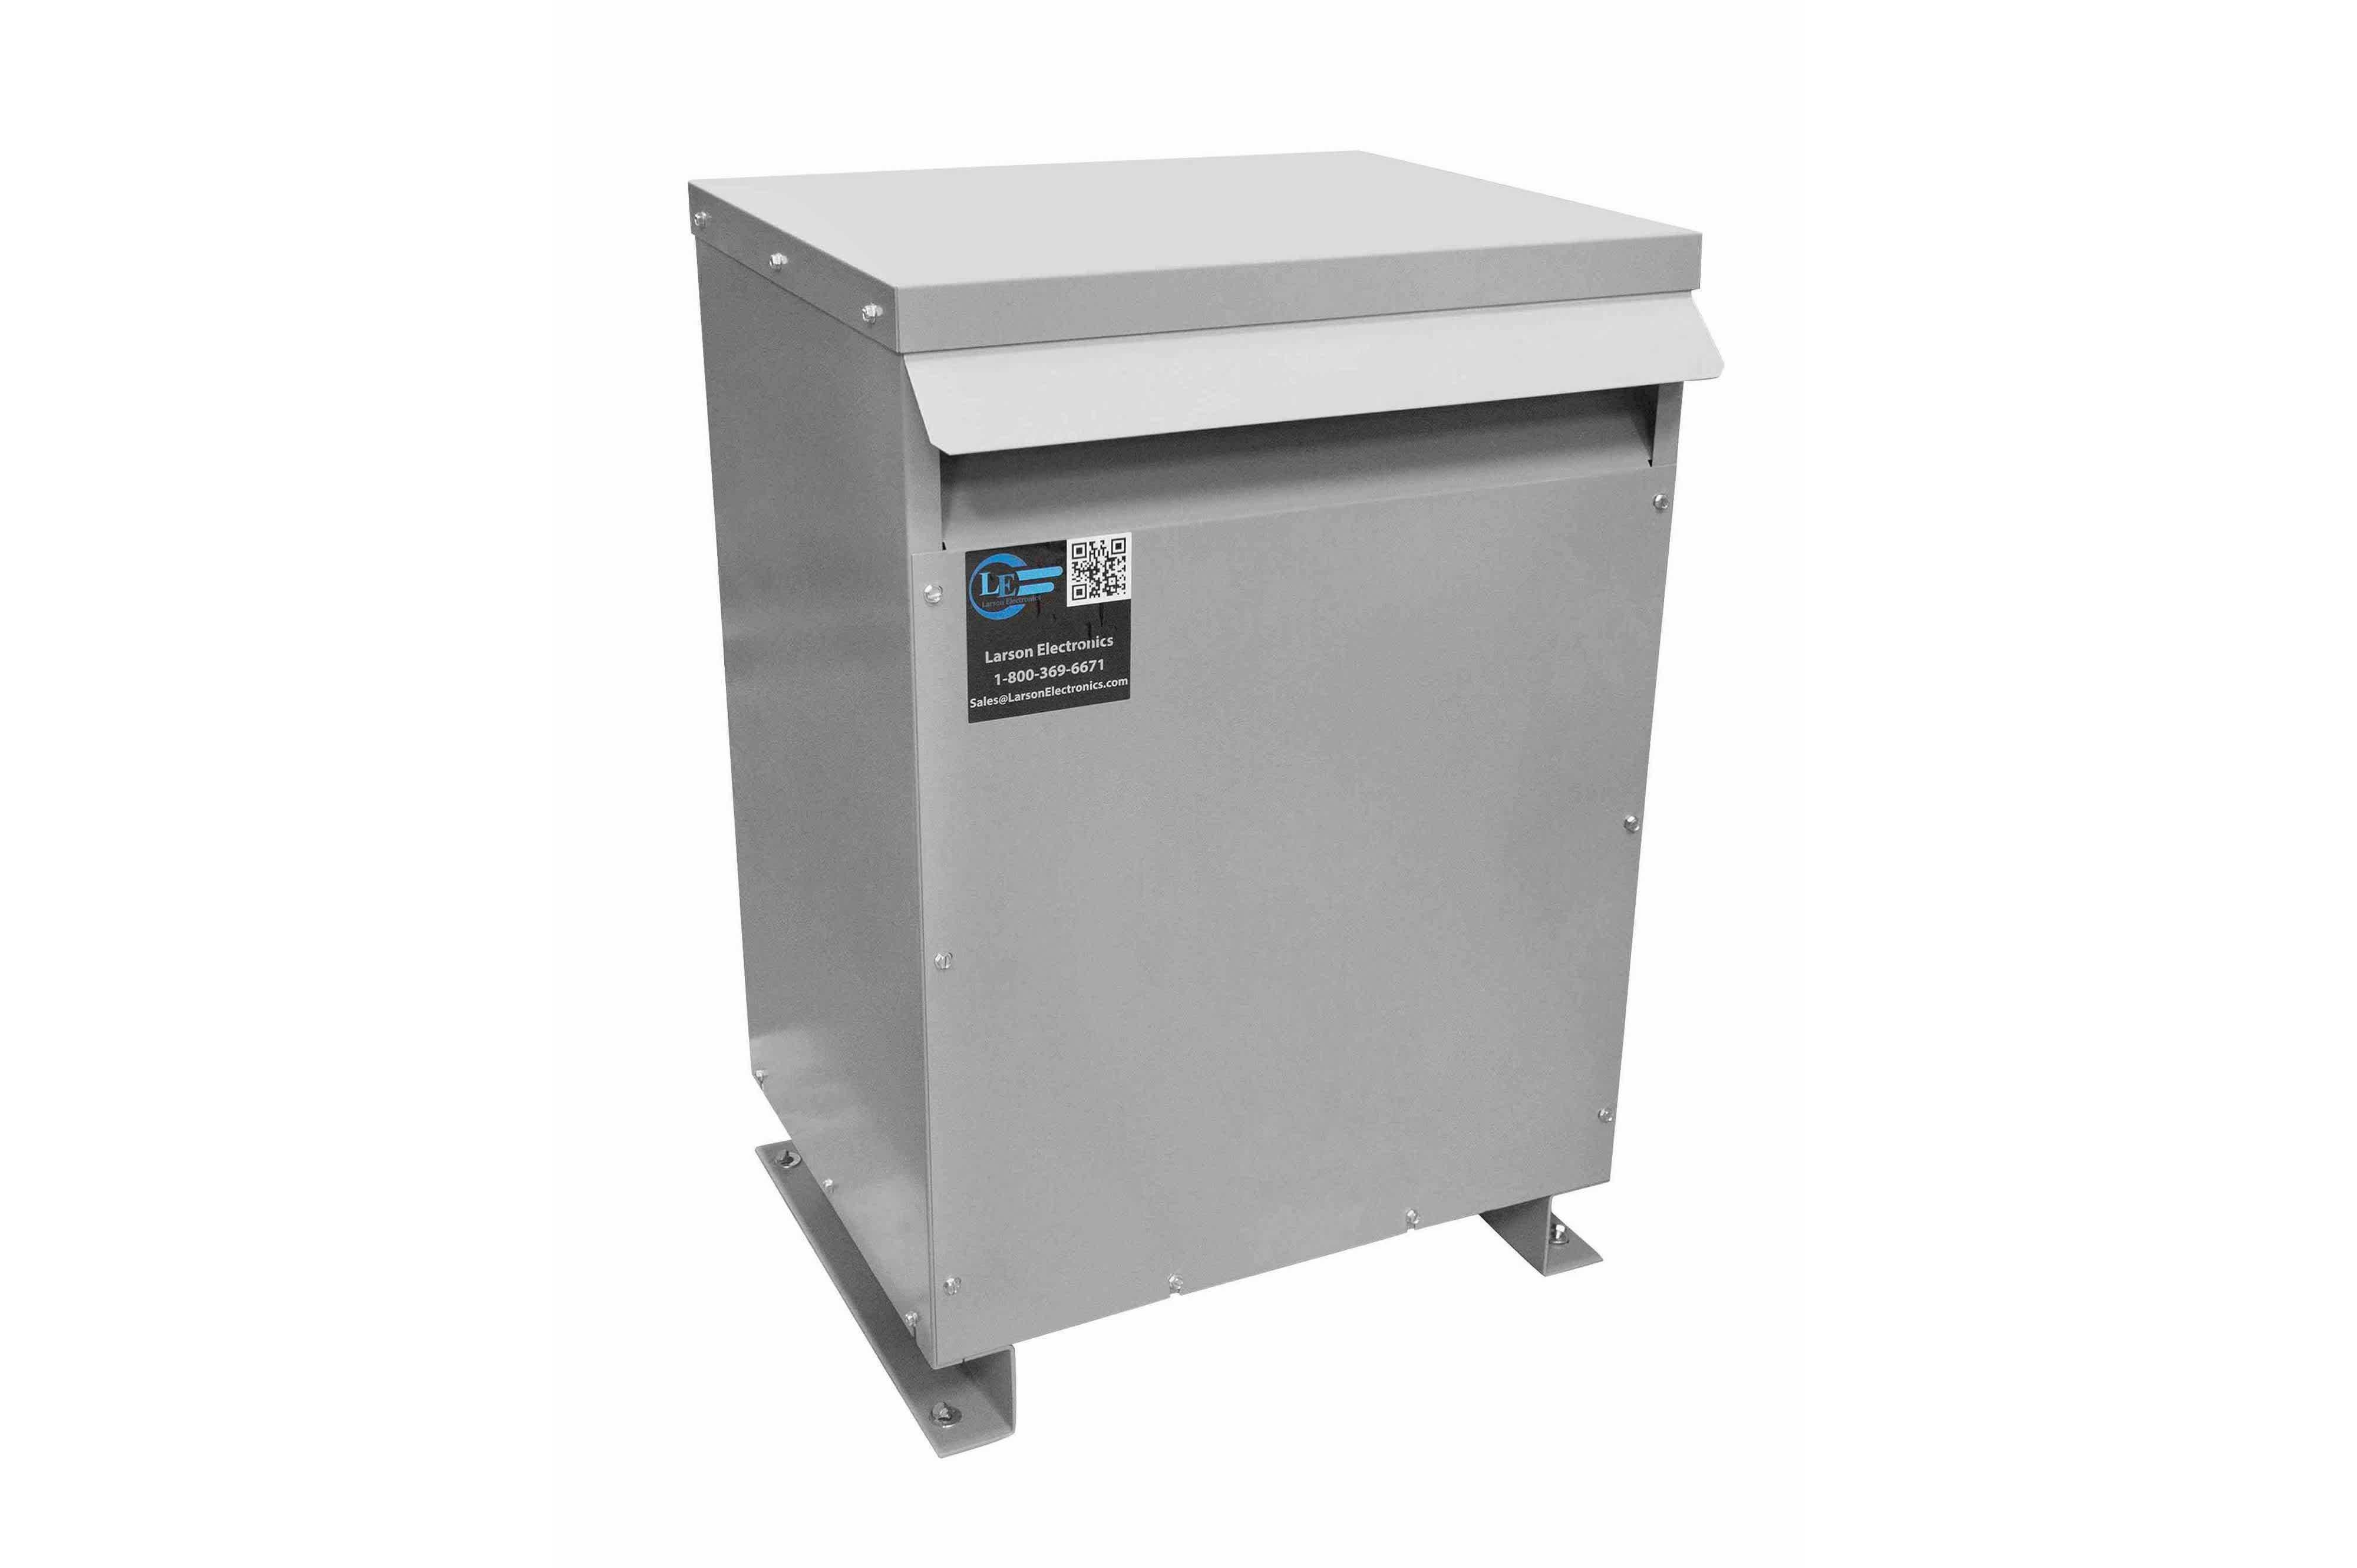 500 kVA 3PH Isolation Transformer, 575V Delta Primary, 480V Delta Secondary, N3R, Ventilated, 60 Hz